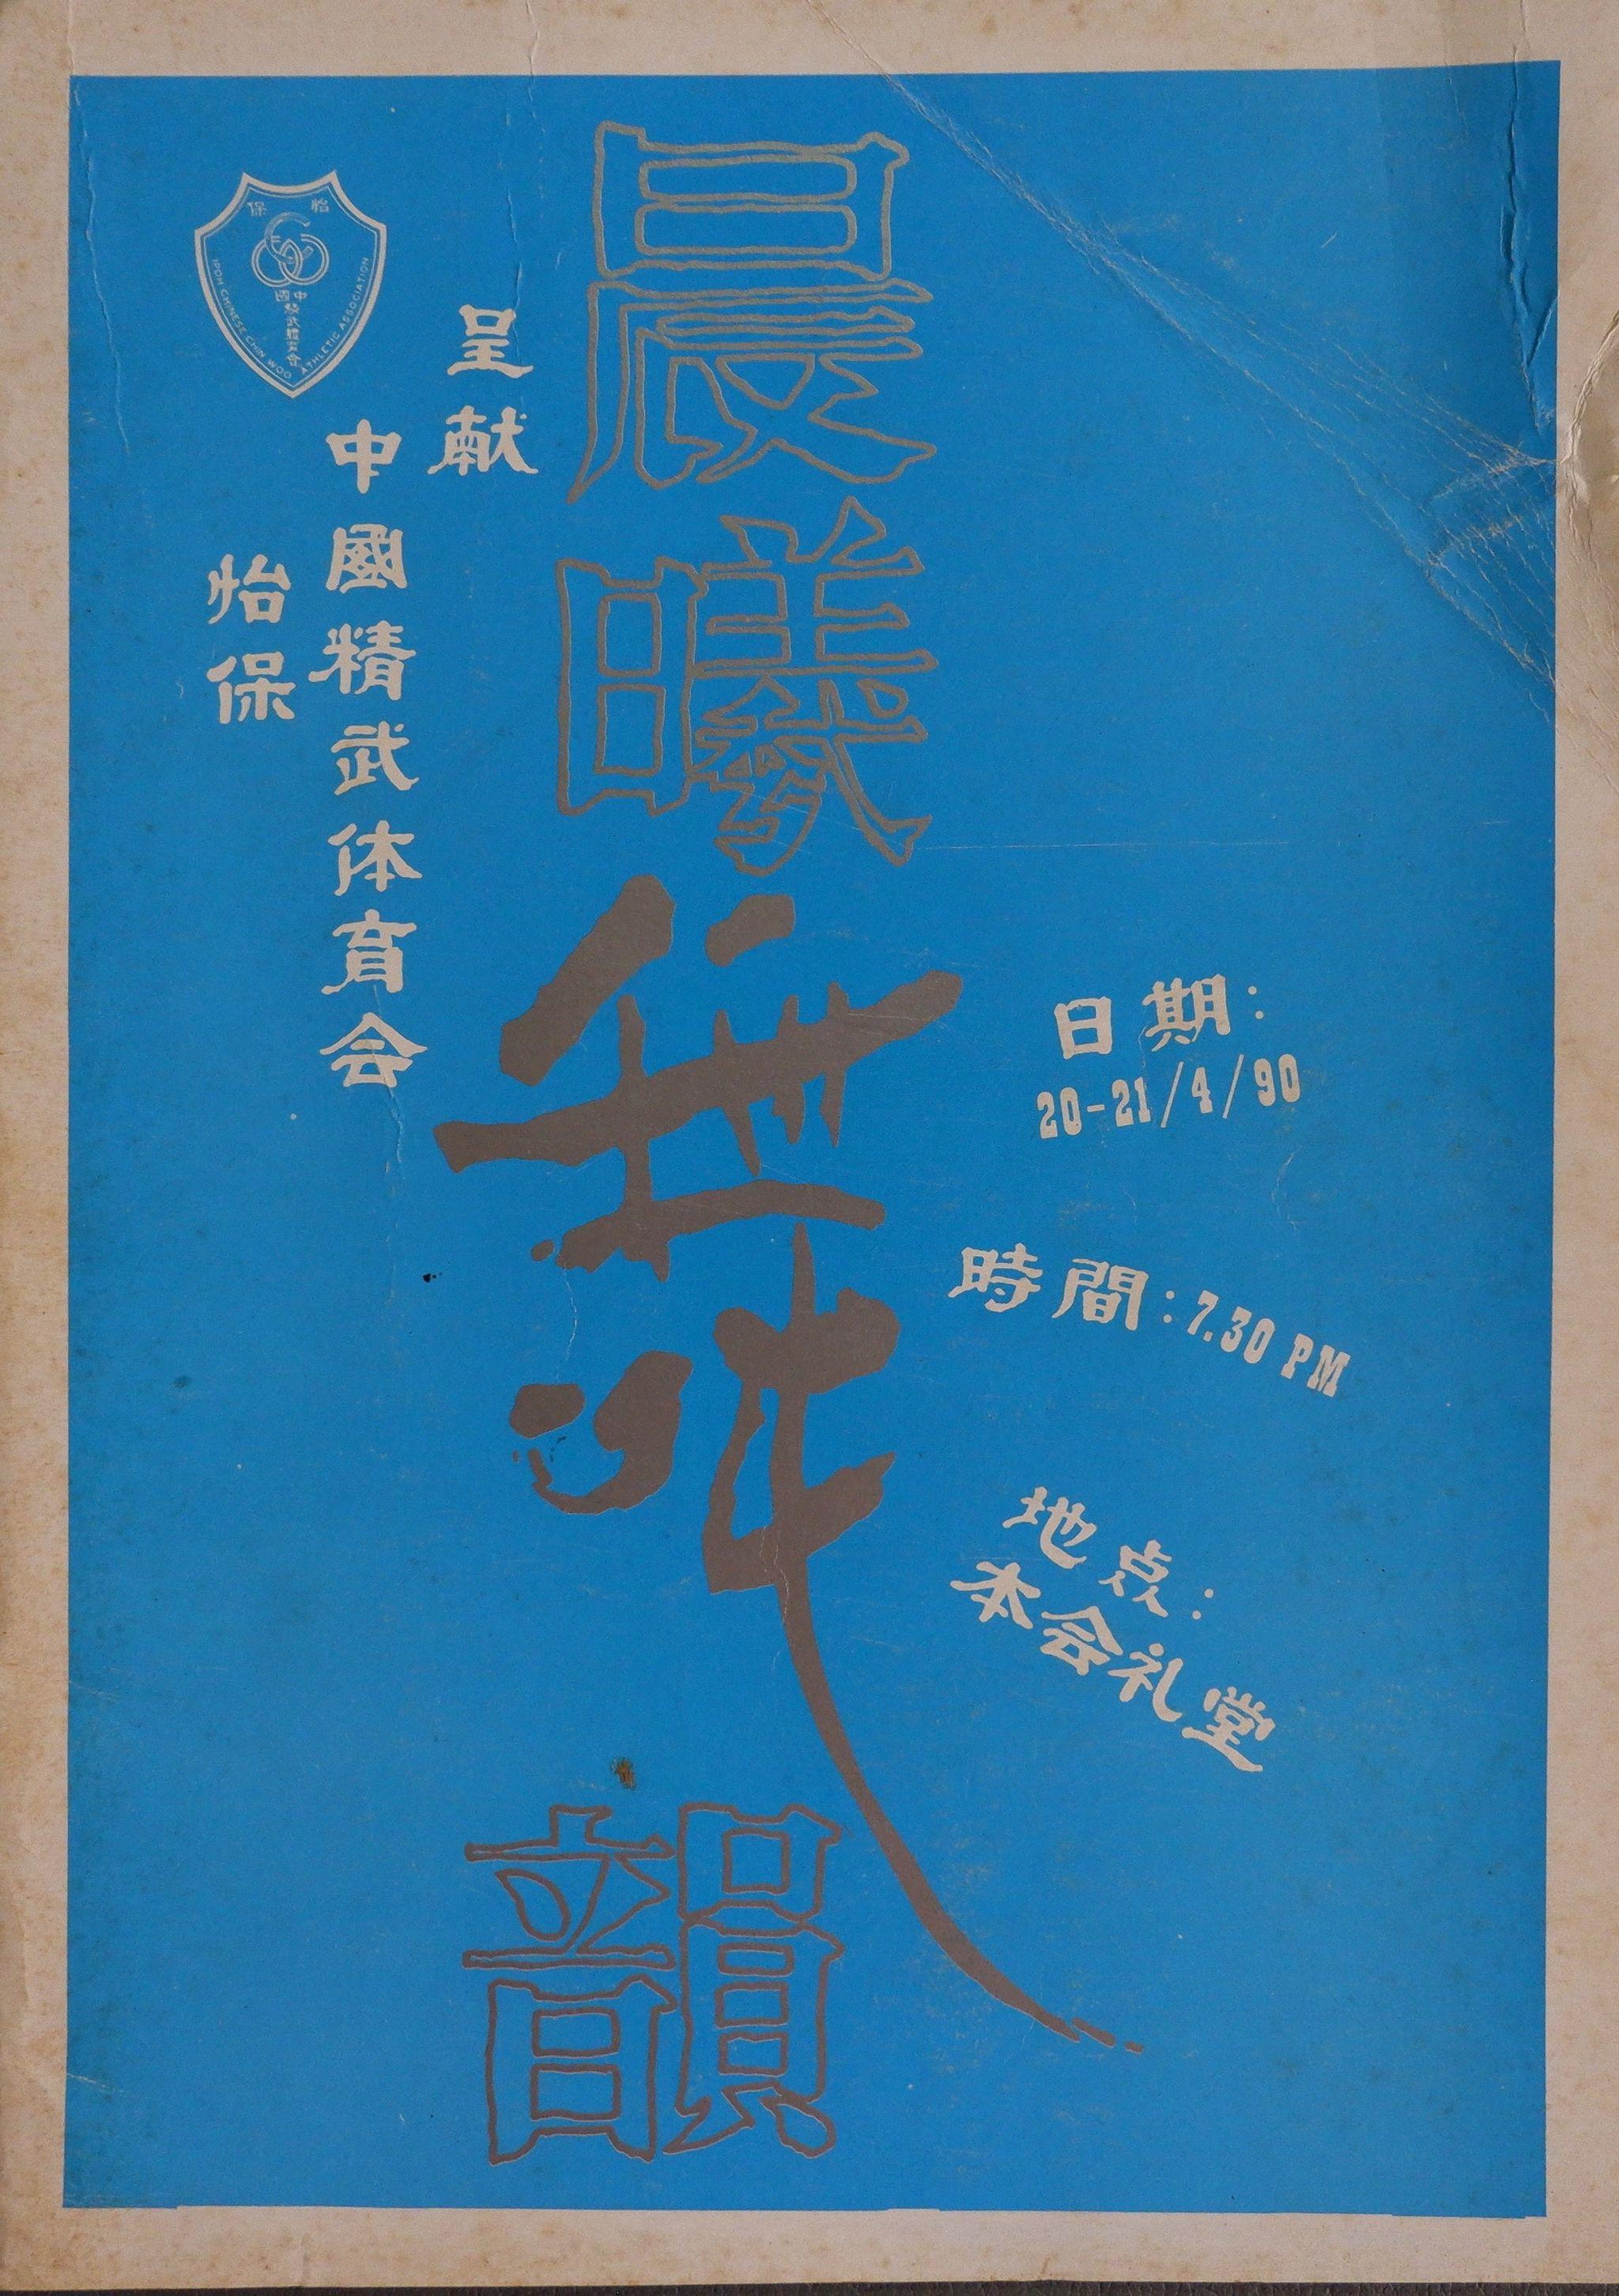 1990 Chen Xi Wu Yun Cover